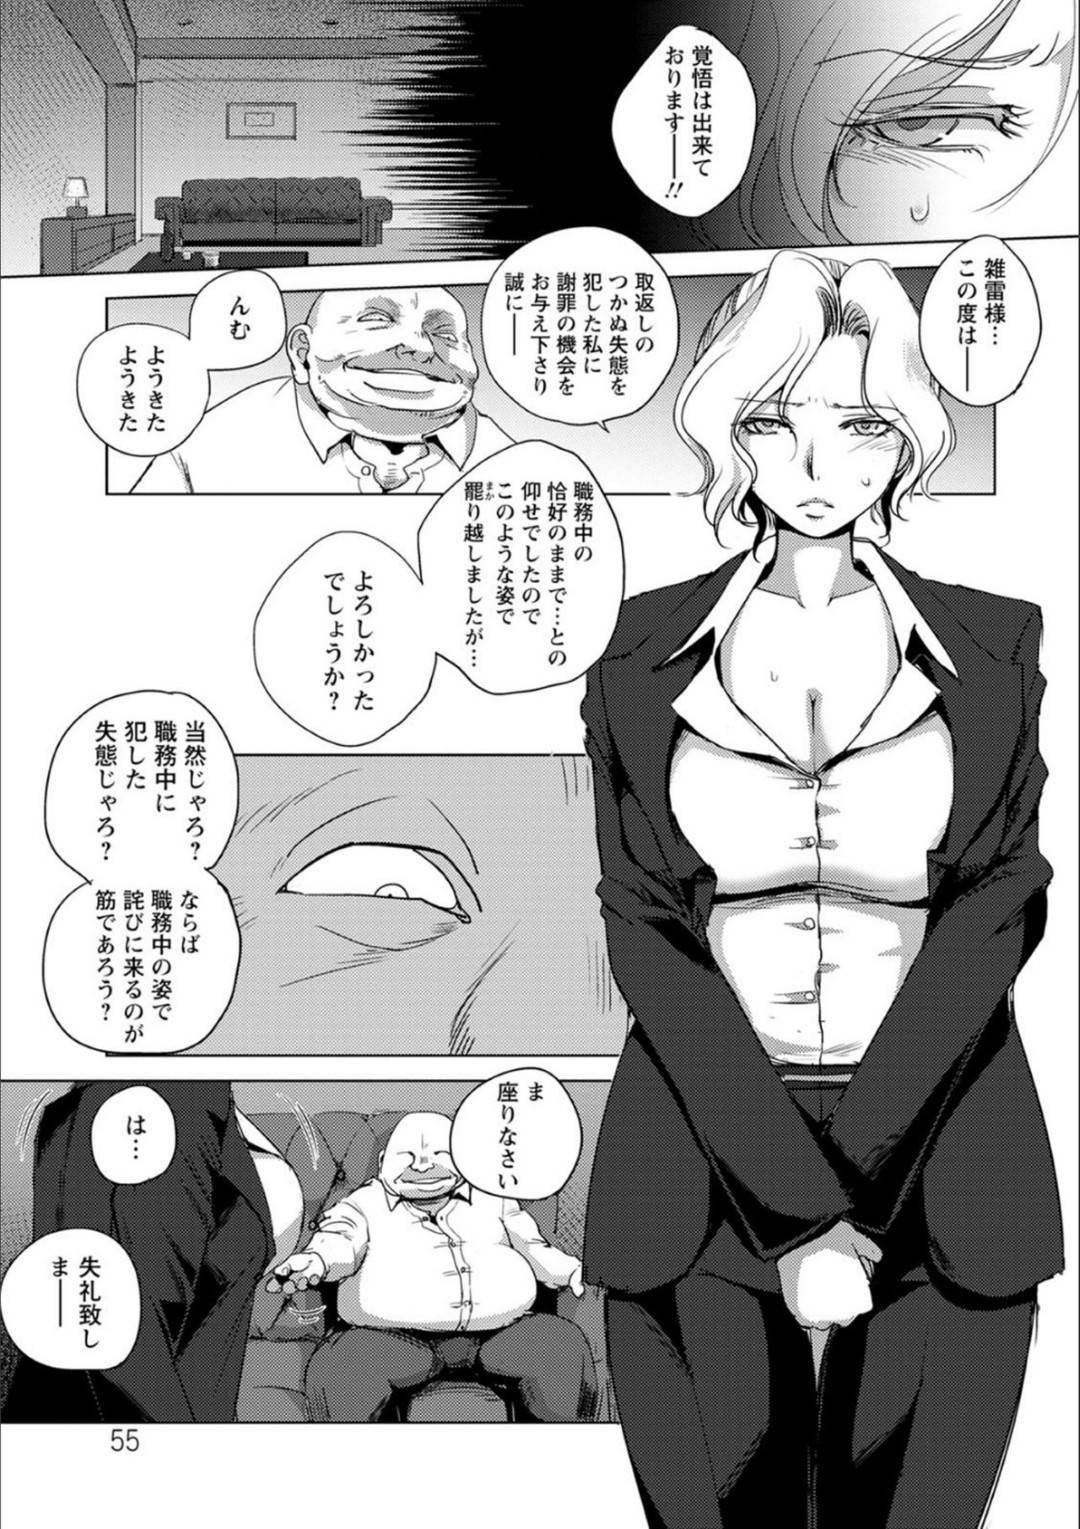 【エロ漫画】裏プロレス会場で警備を怠り偉いおじさんに怒られるクールなお姉さんは脅され生ハメレイプでイかされまくる